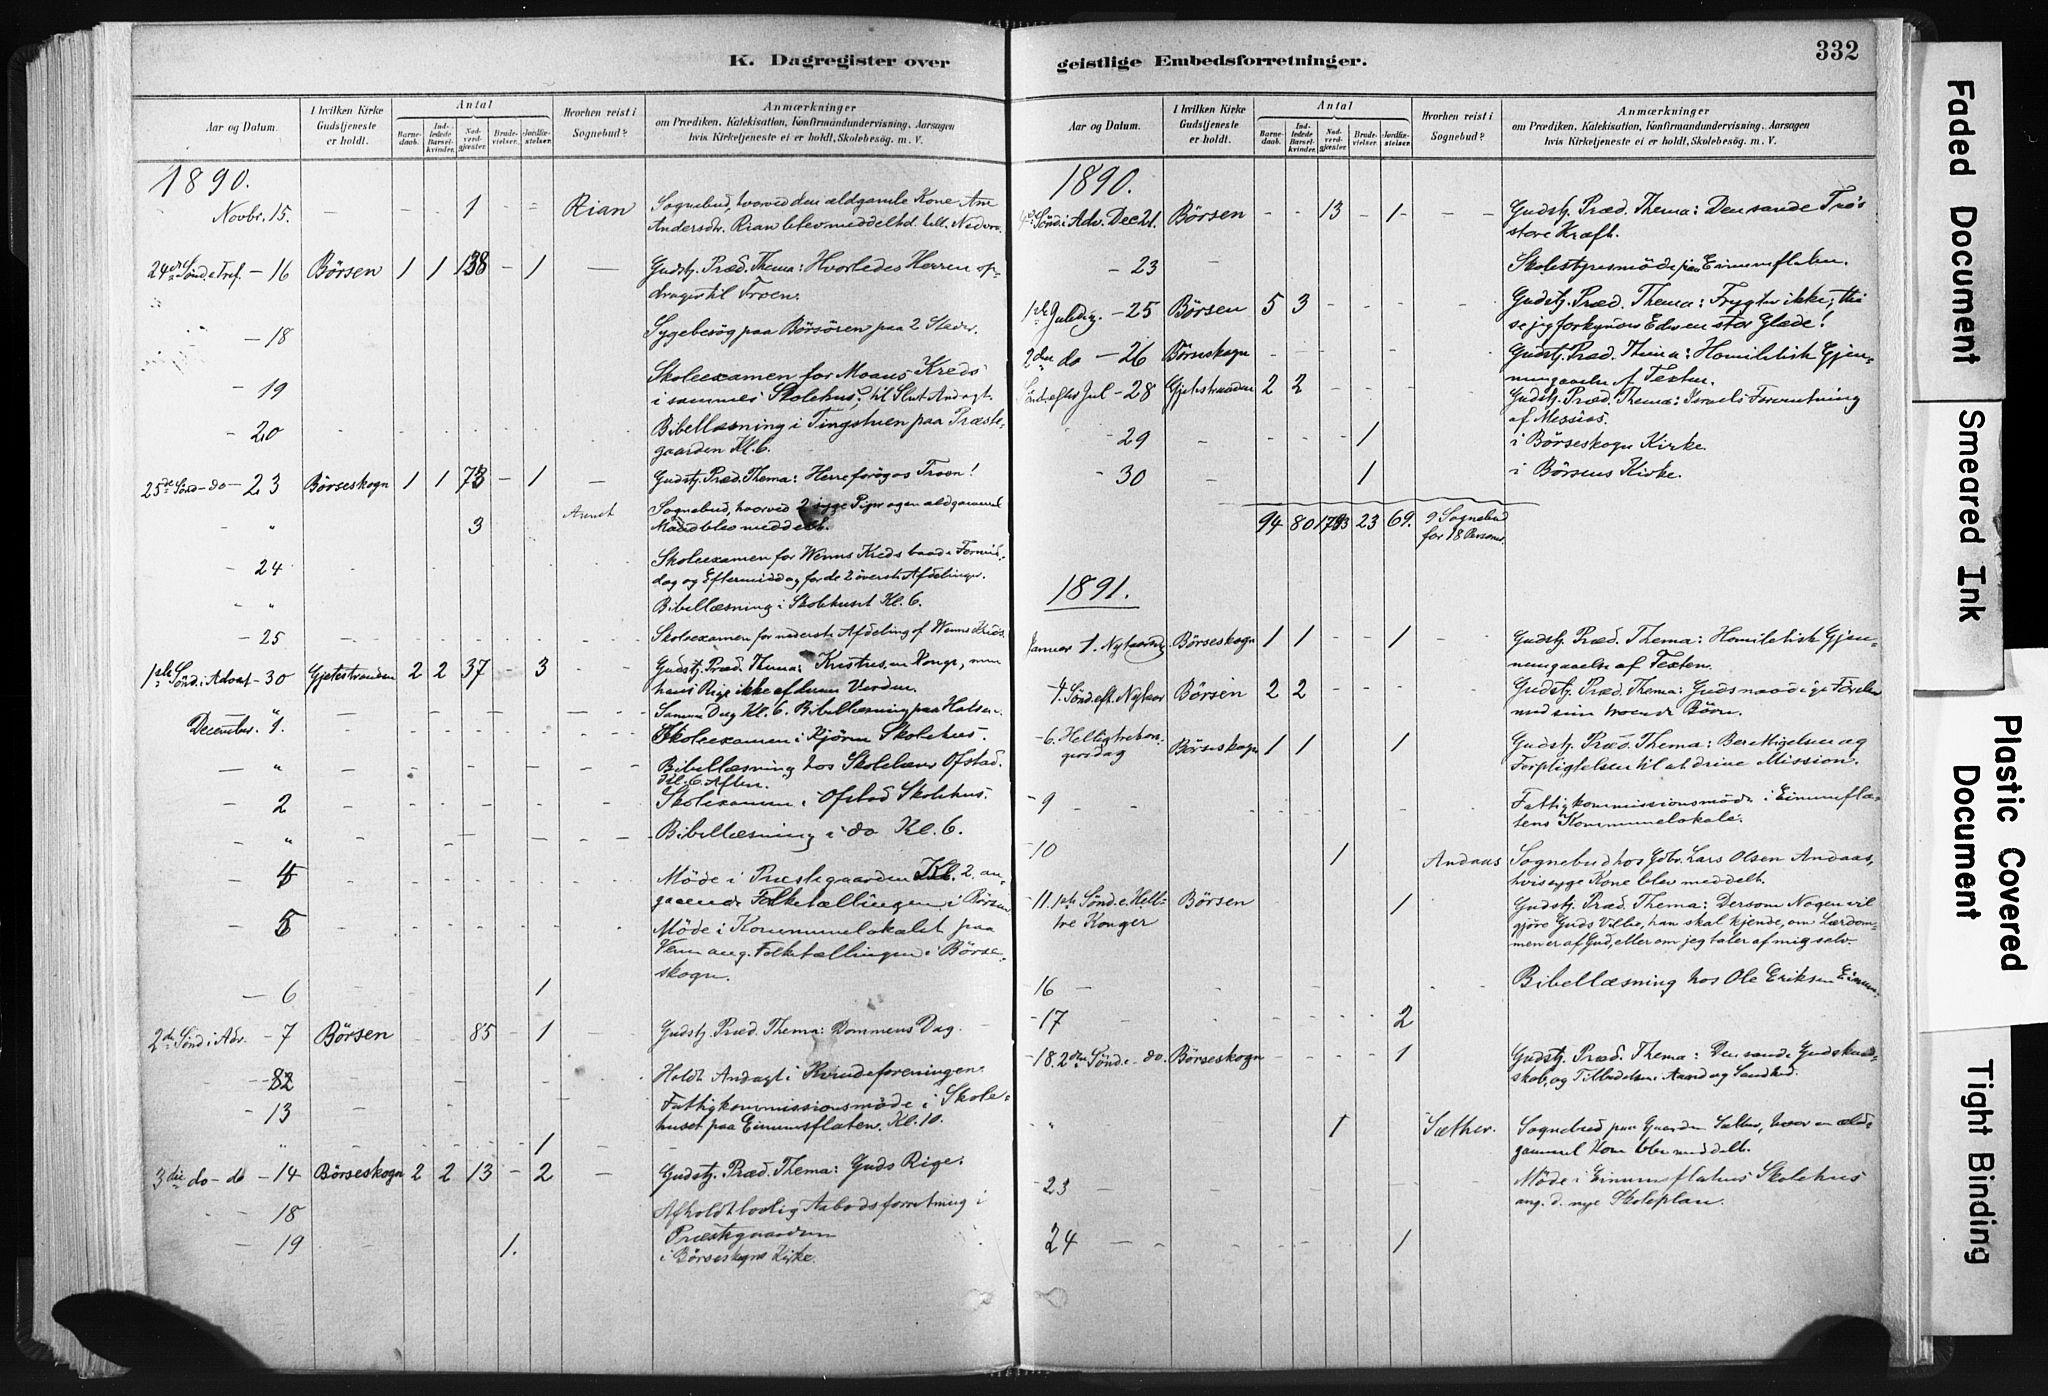 SAT, Ministerialprotokoller, klokkerbøker og fødselsregistre - Sør-Trøndelag, 665/L0773: Ministerialbok nr. 665A08, 1879-1905, s. 332